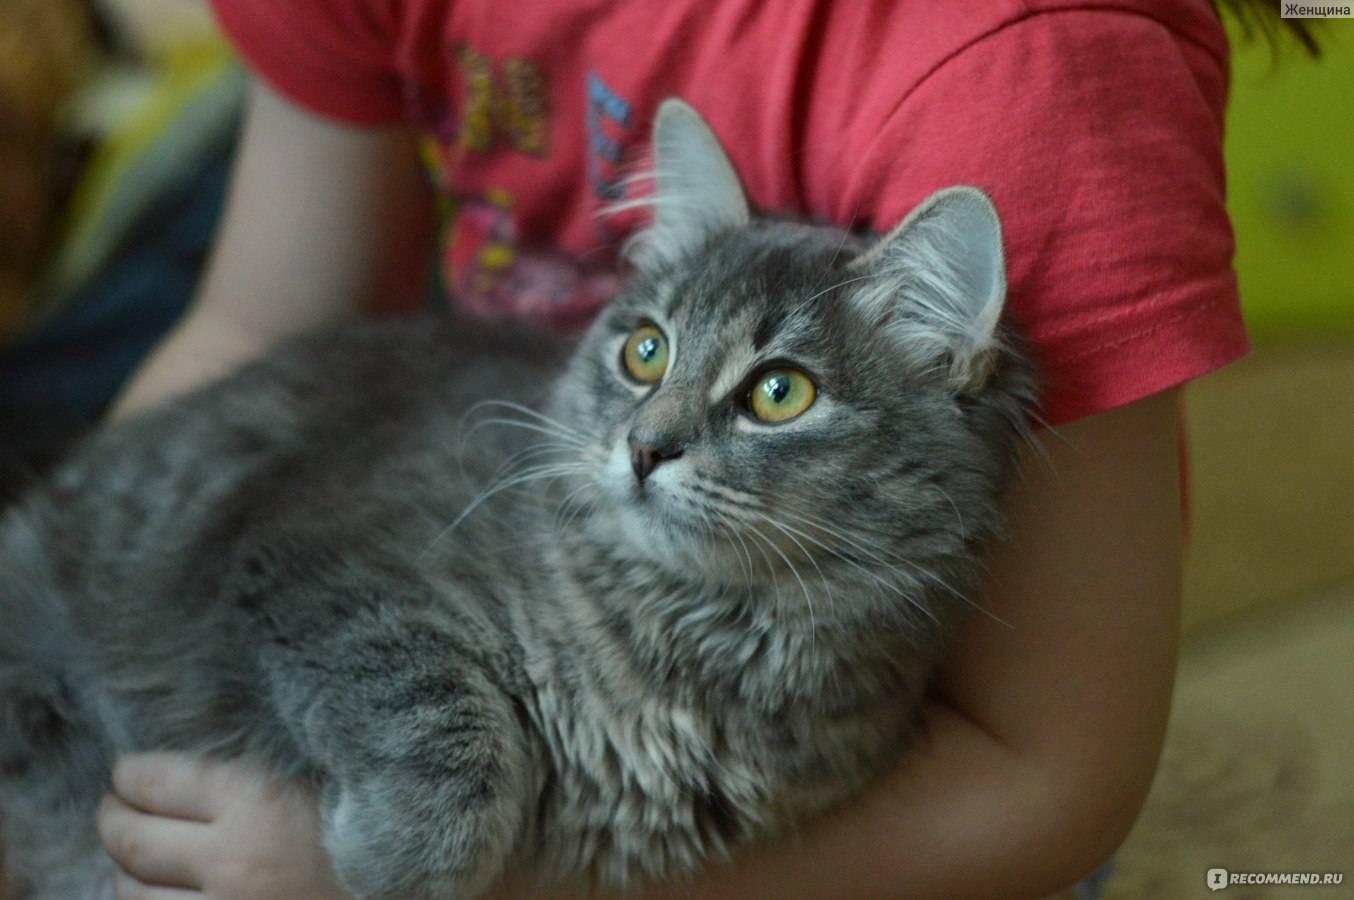 Дворовые породы кошек: почему стоит выбрать именно такого кота. породы дворовых котов: течет ли в беспородных красавцах благородная кровь? как называются беспородные кошки